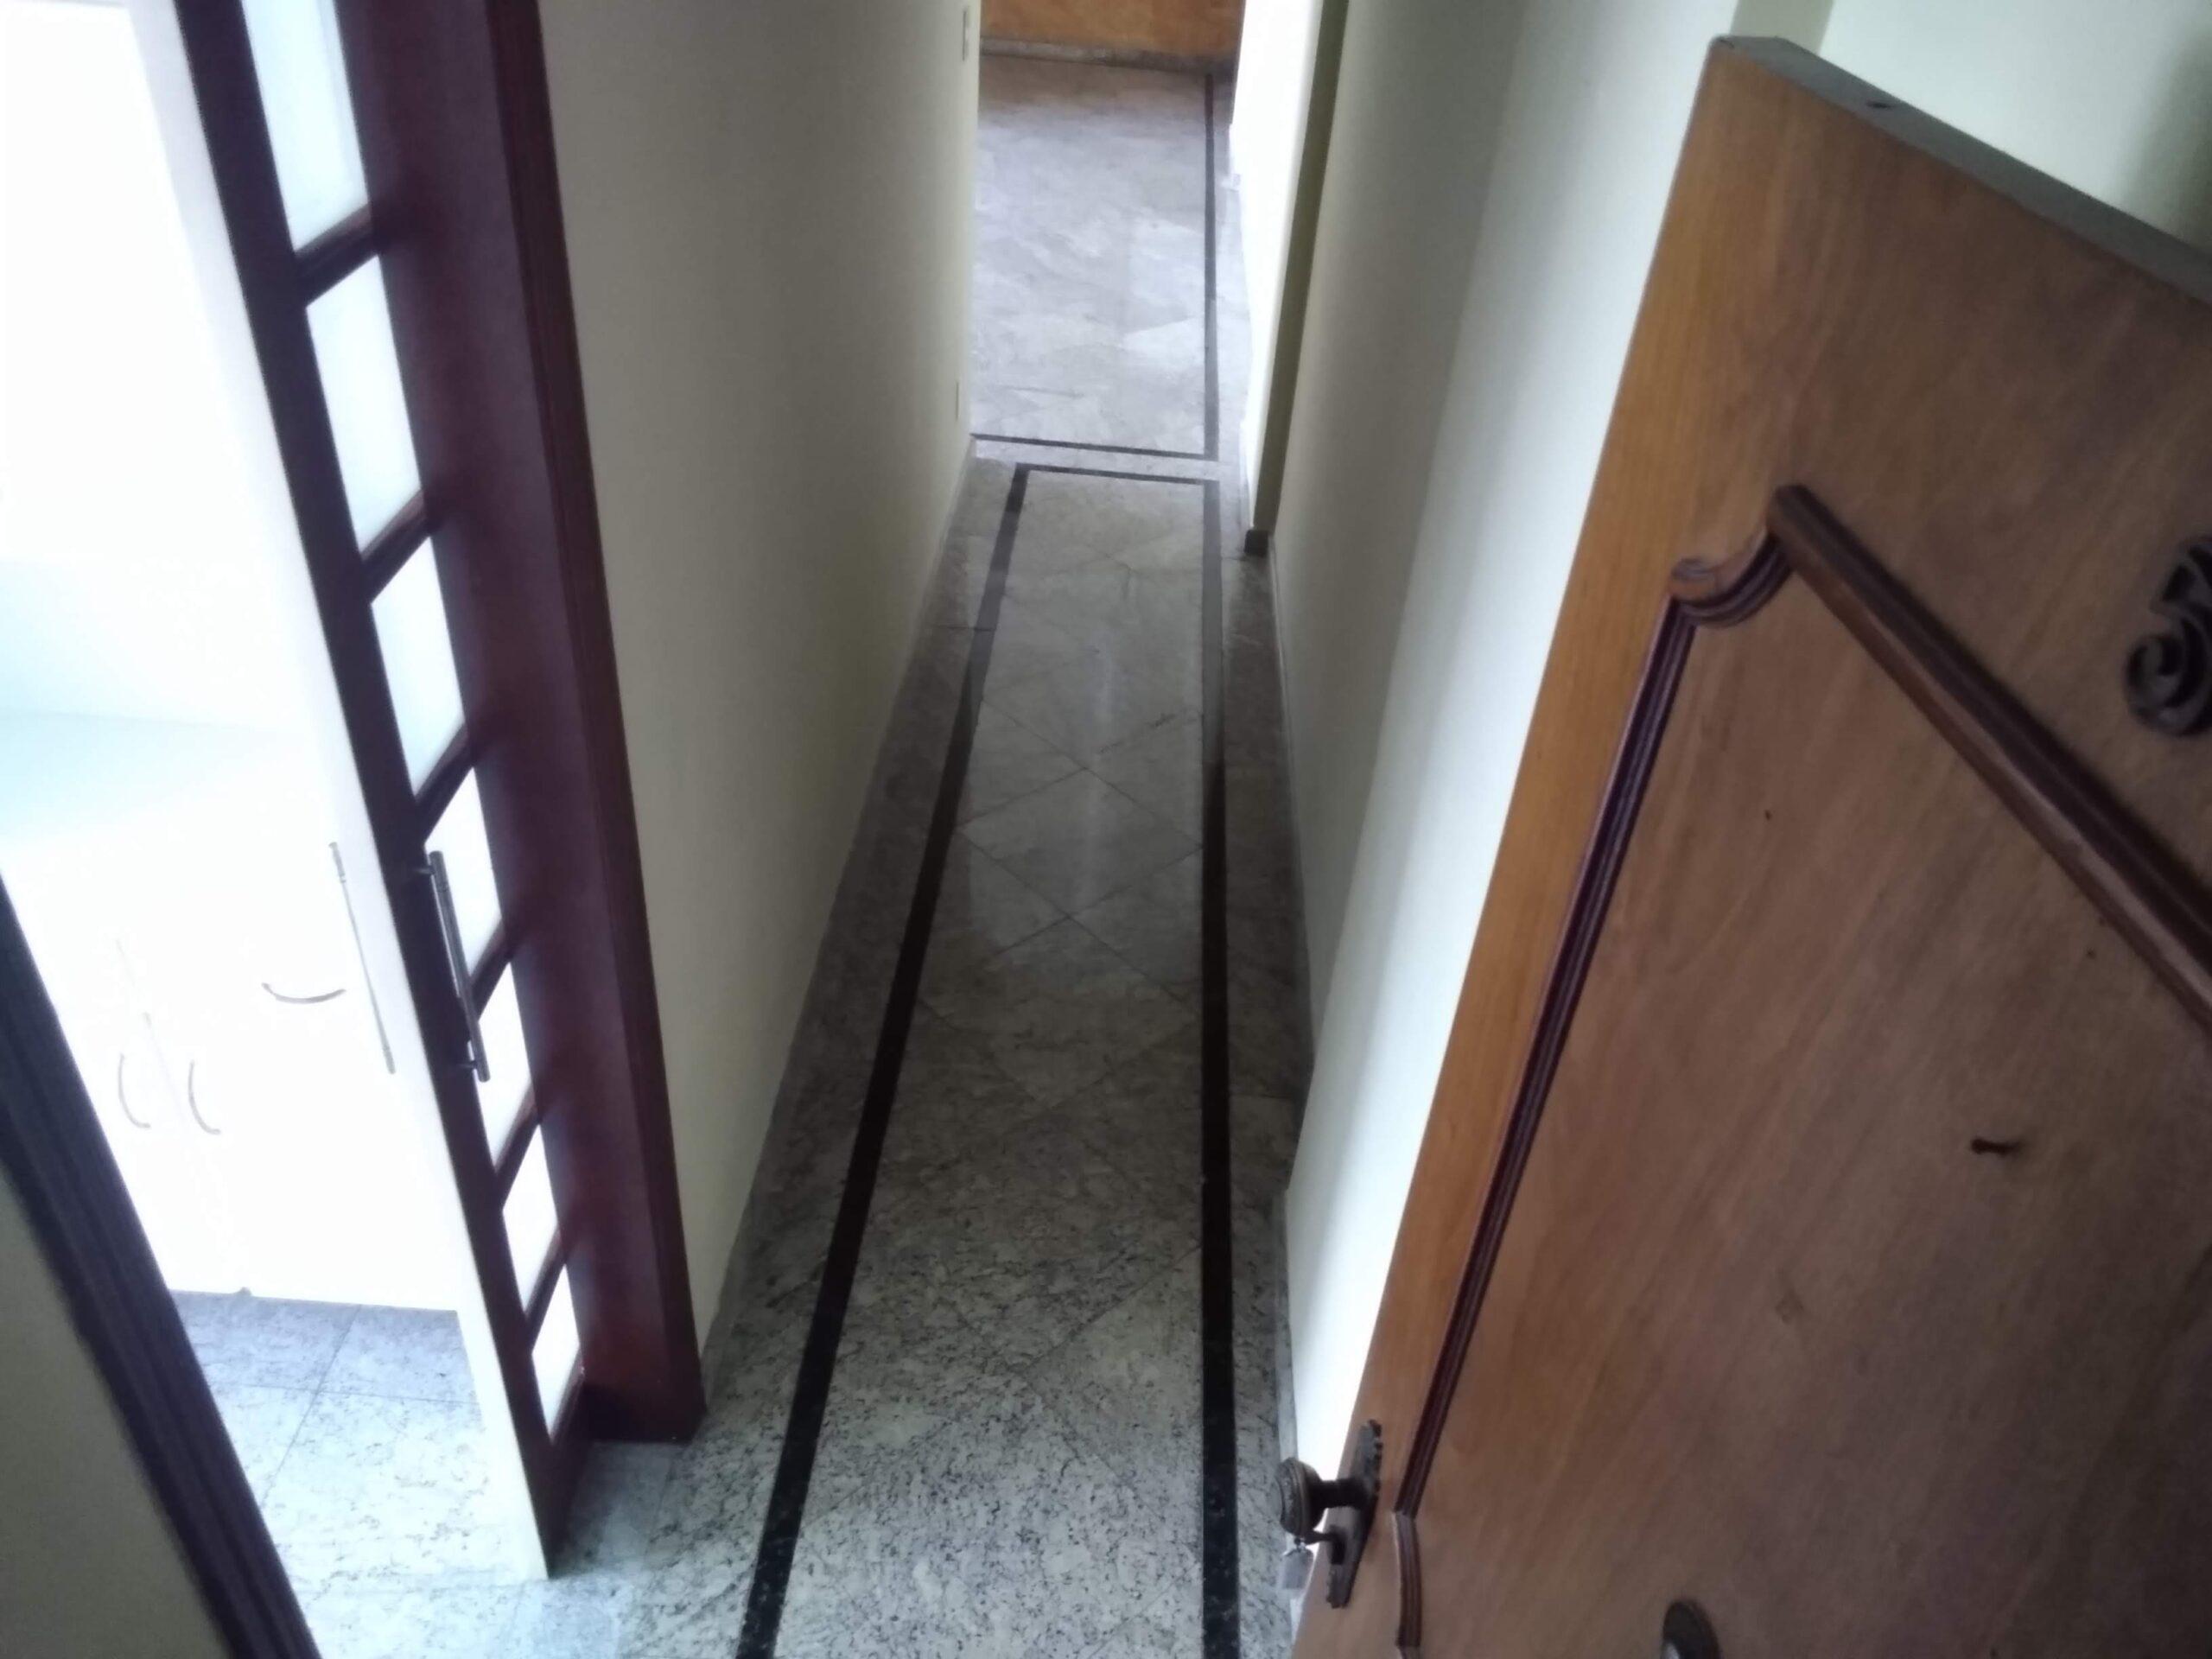 Amplo apartamento no Gonzaga, com ótima vista Livre, 02 dormitórios com armários embutidos, com uma suíte, com dependência completa de empregada. - foto 19